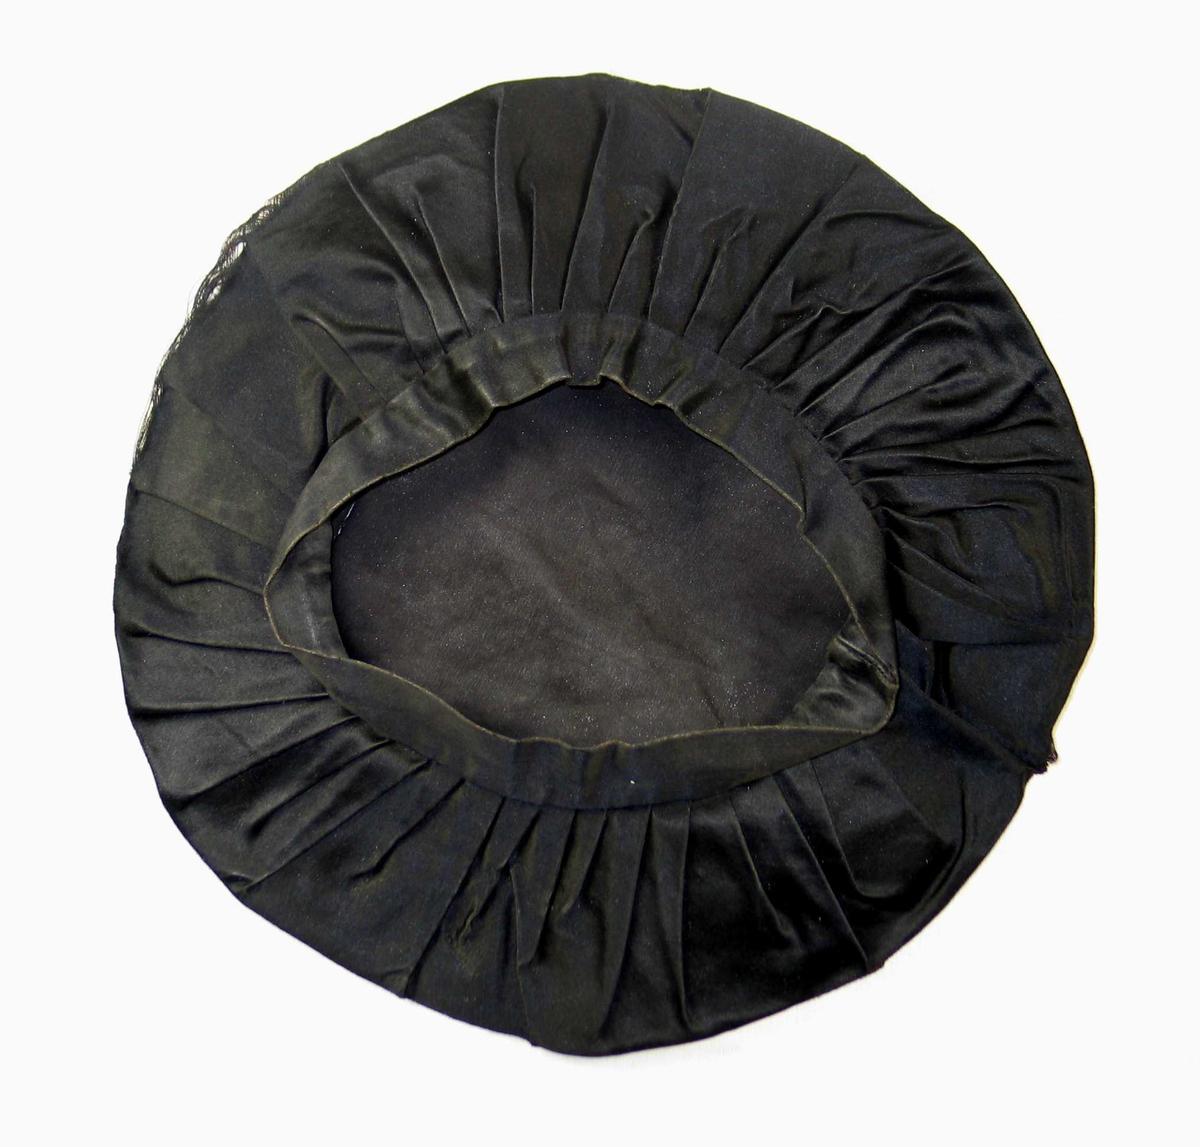 Pull sydd av sirkelrundt stykke silketøy med diam 54 og 46 folder, vendt samme vei, sydd til en tre cm bred og 61 cm lang linning.